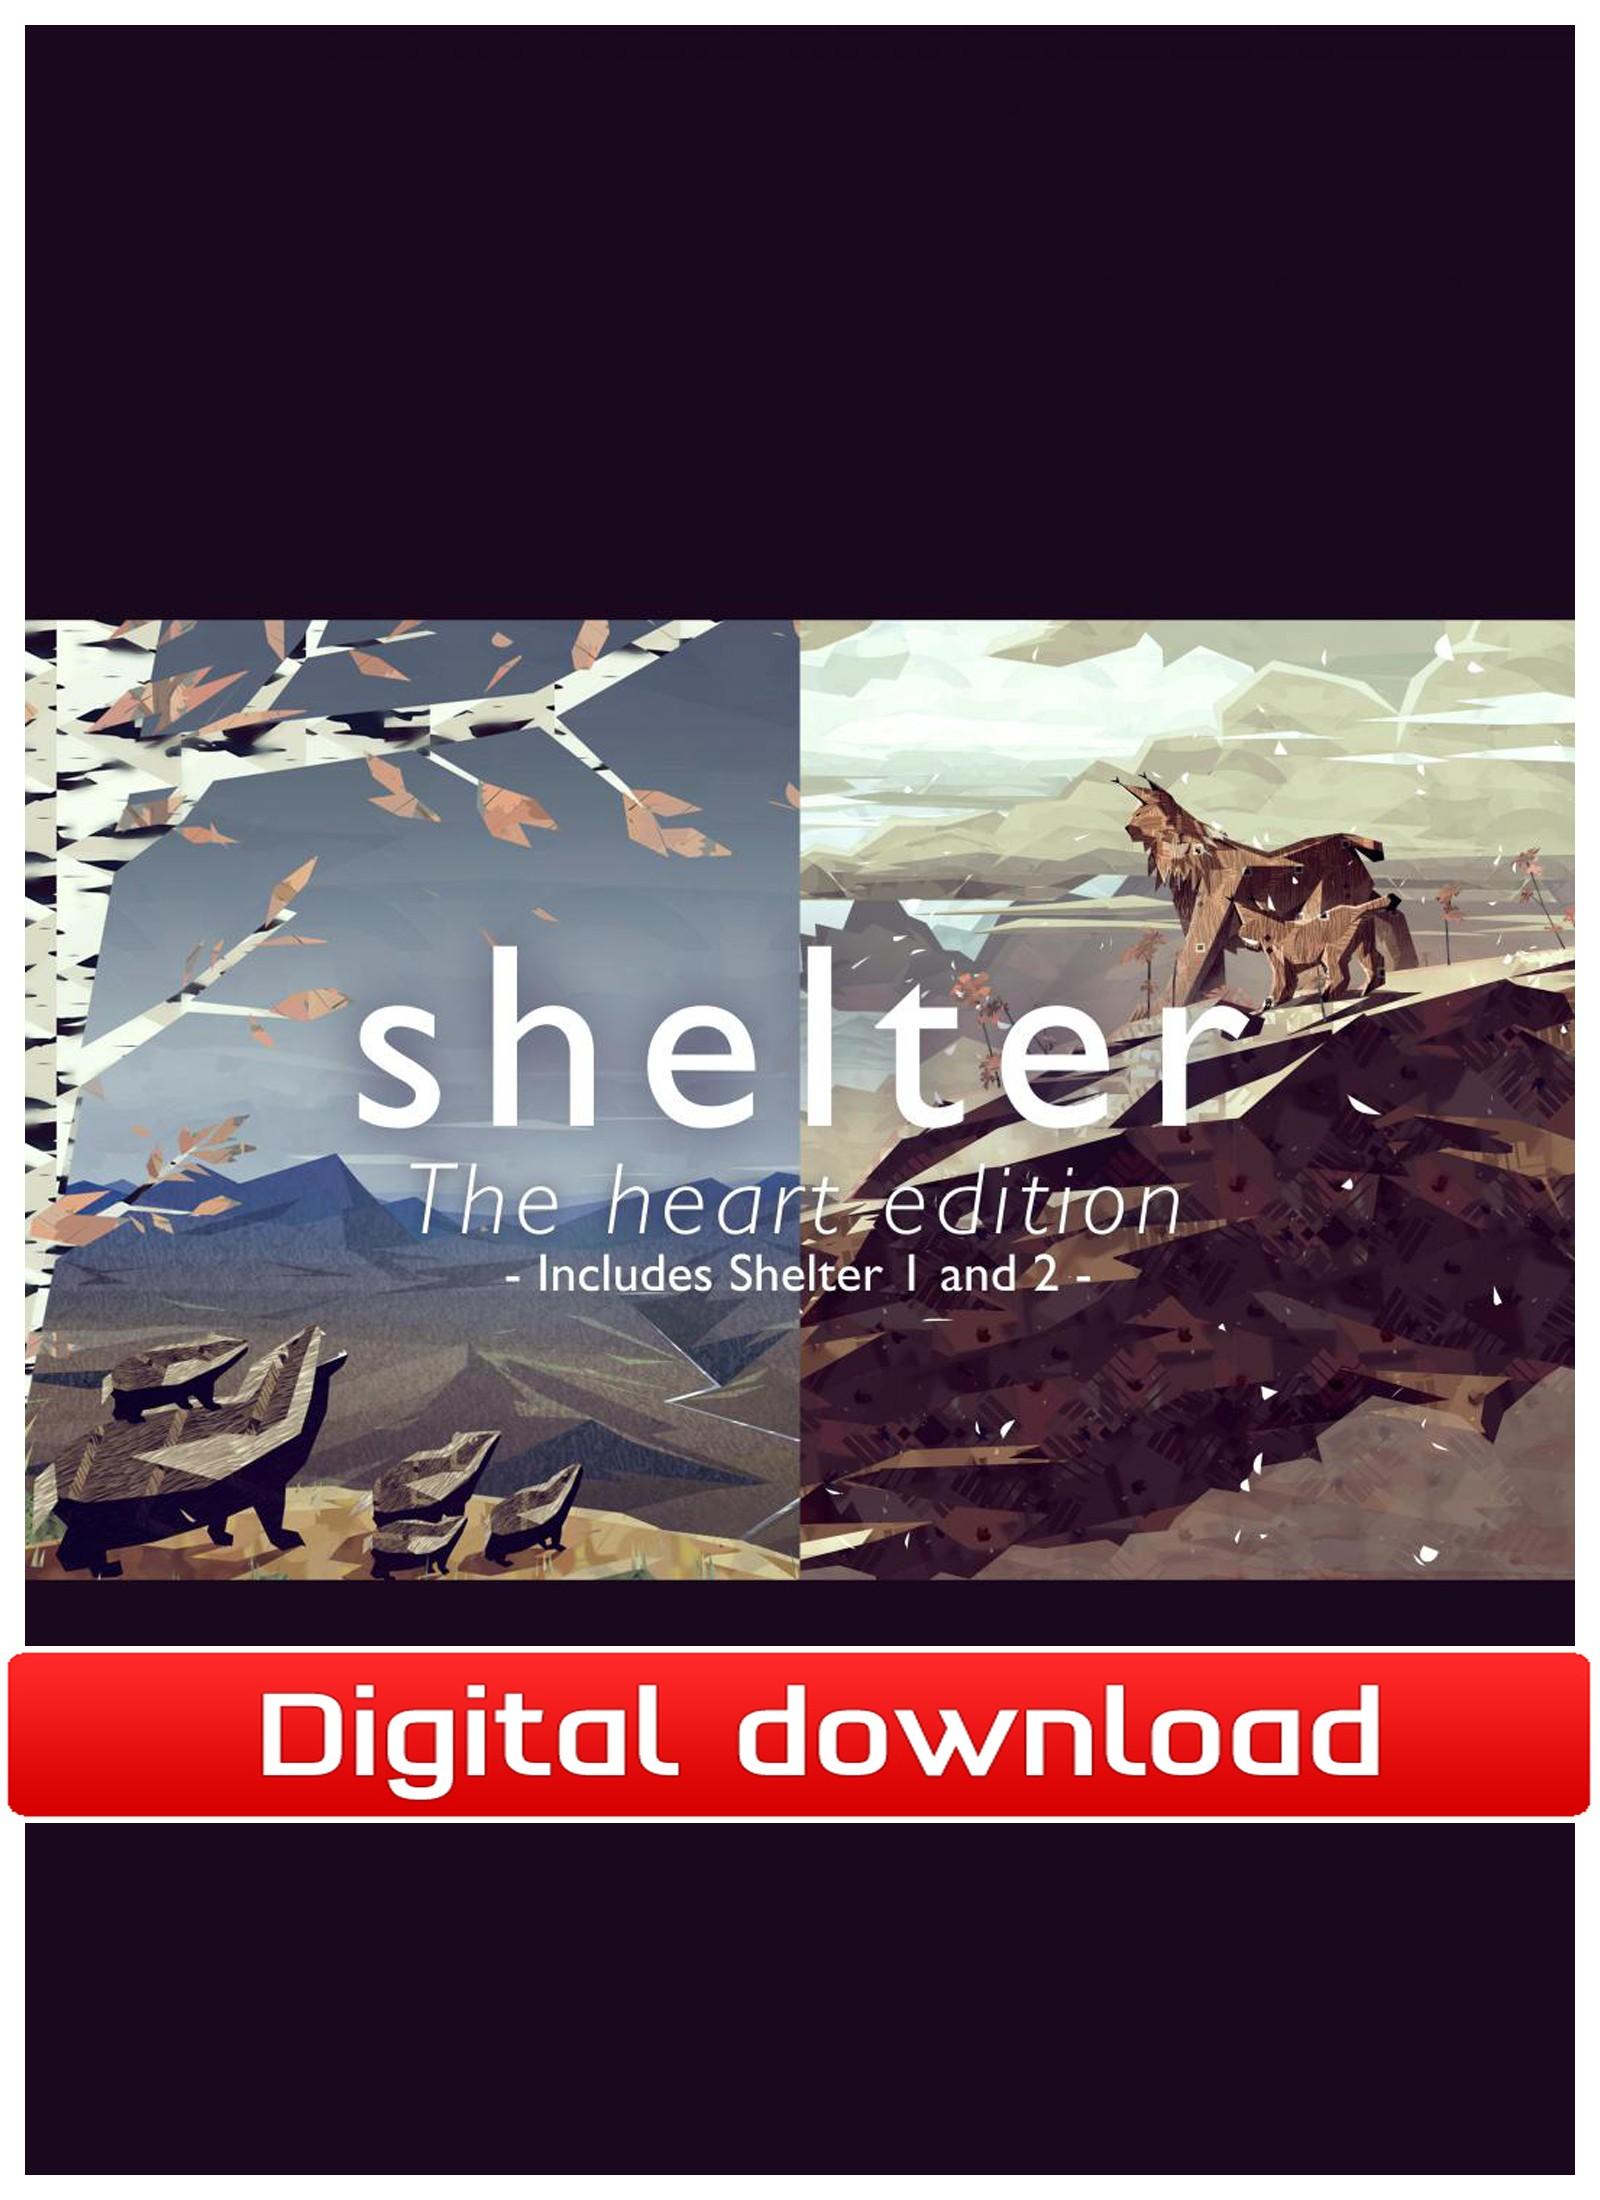 37629 : Shelter - The Heart Edition (PC nedlastning)